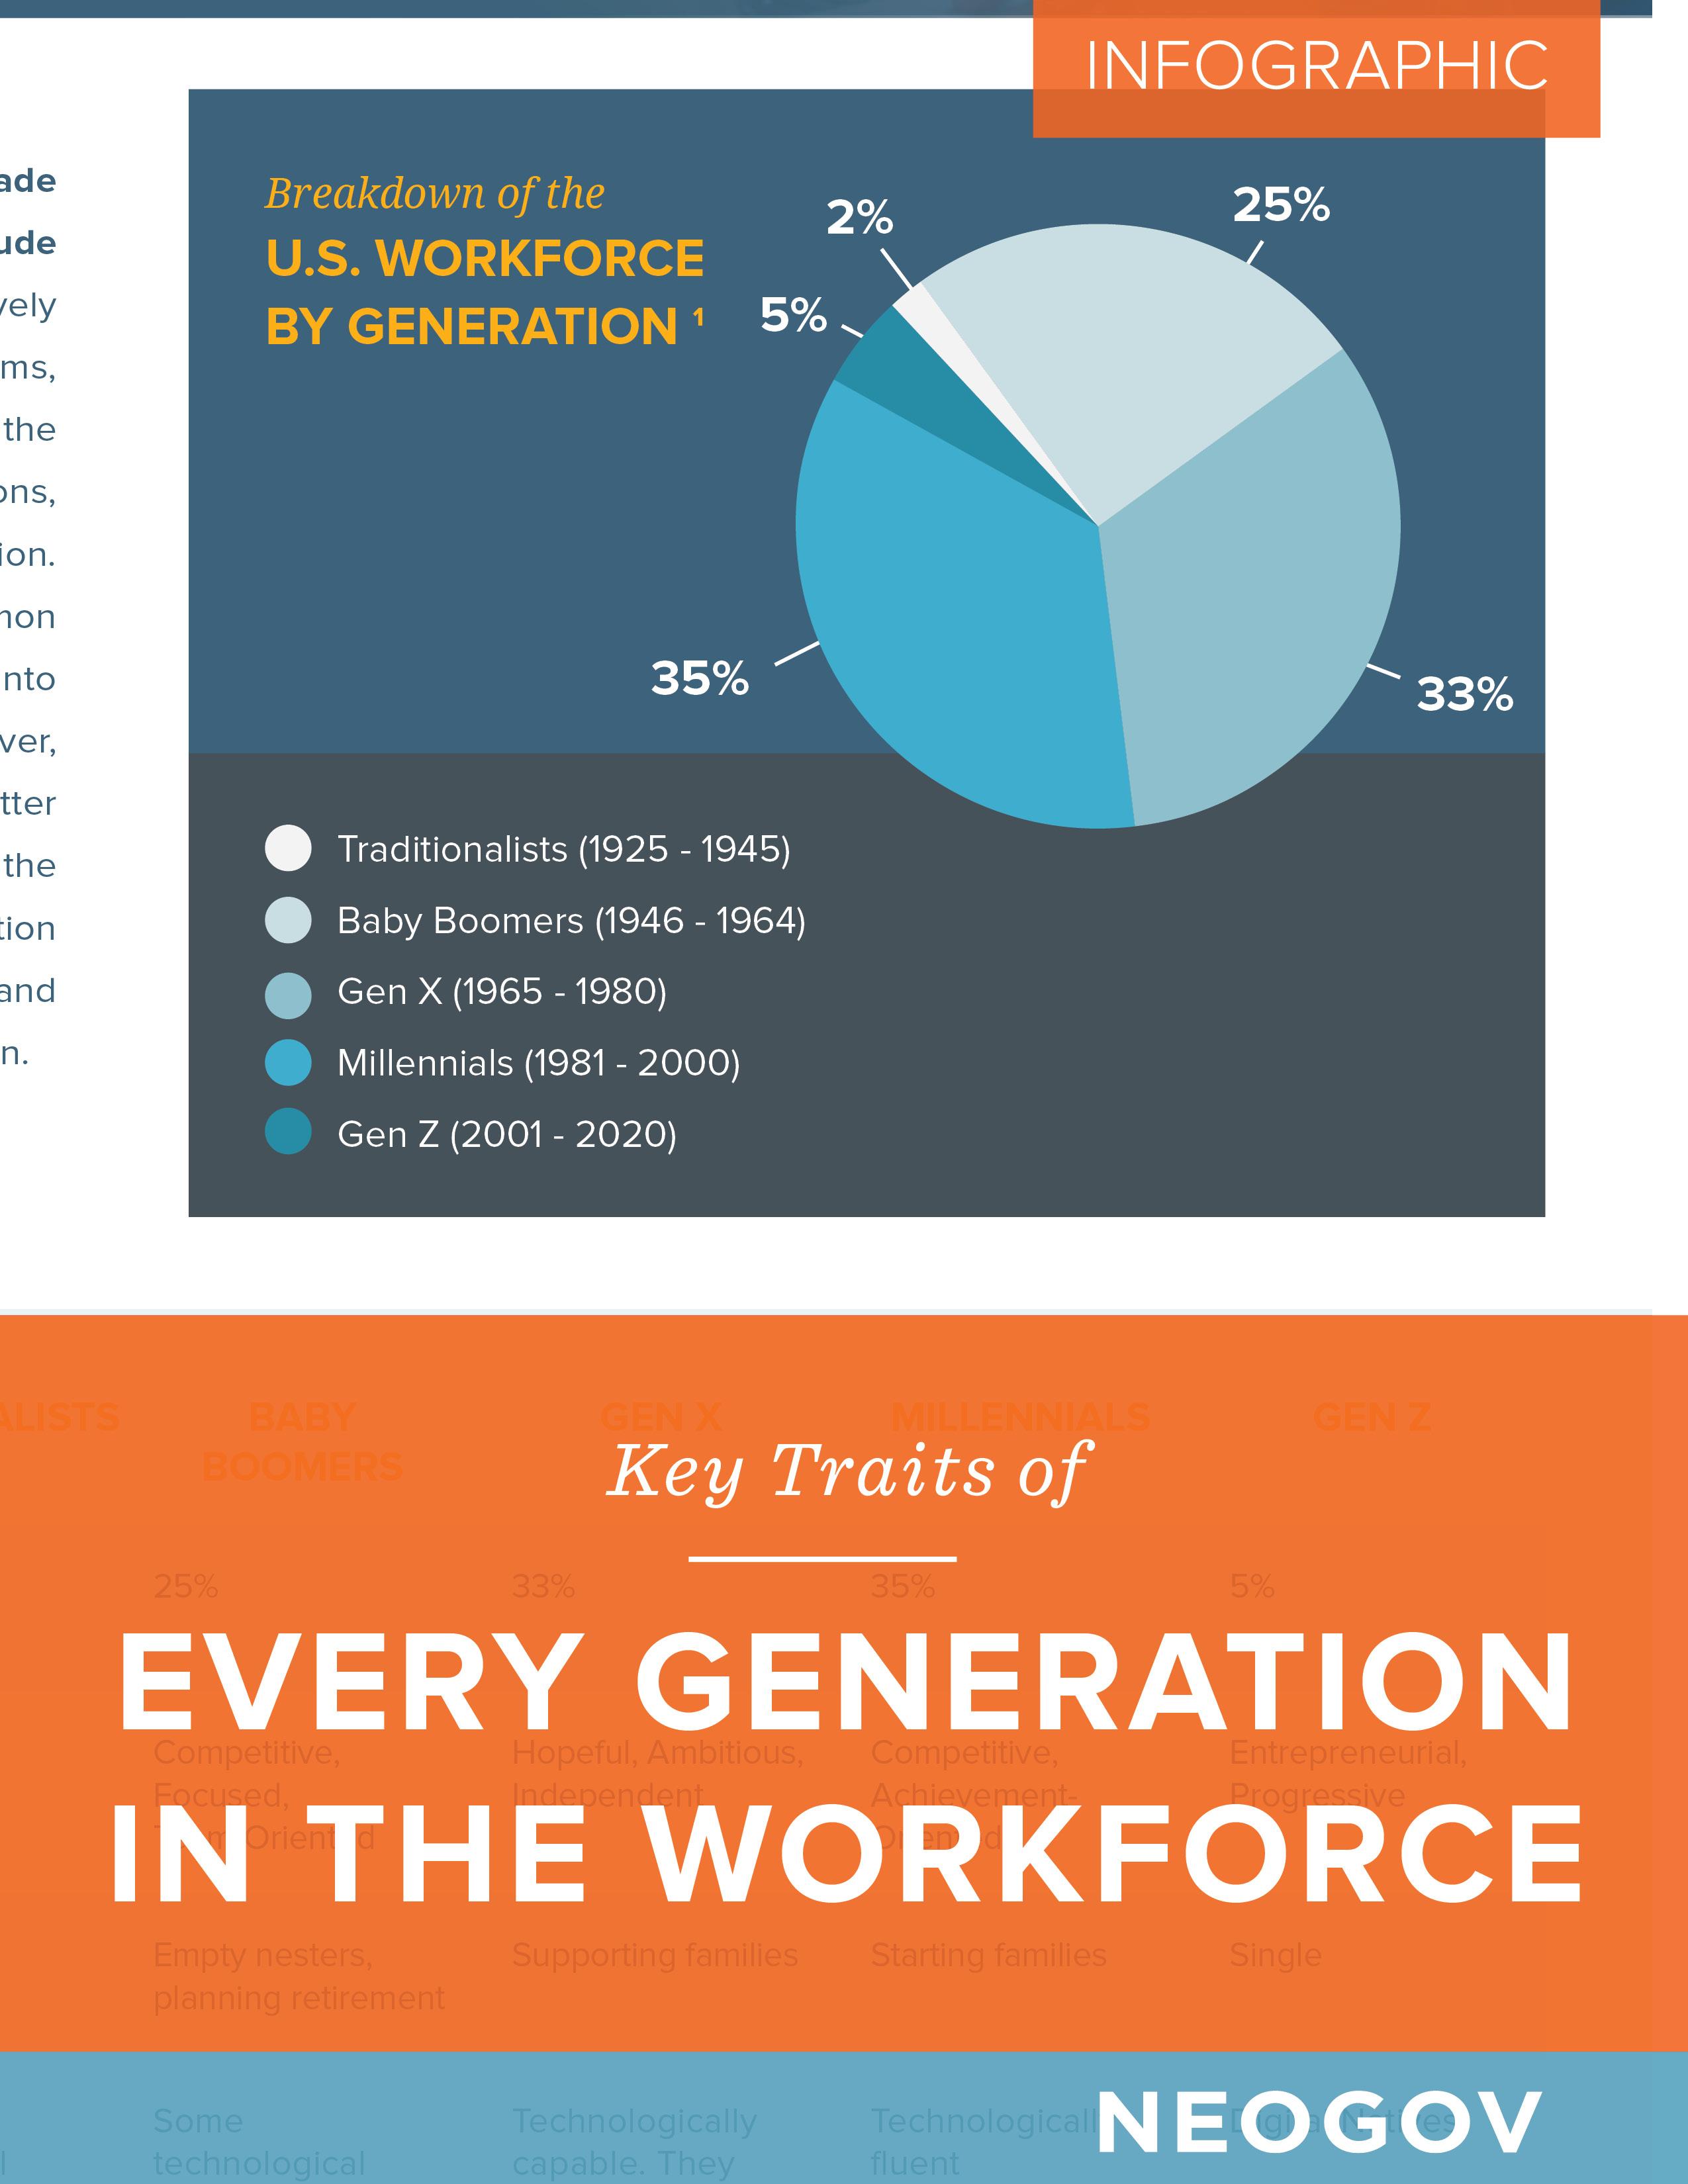 NEOGOV-Infographic-GenerationsInTheWorkforce-thumbnail